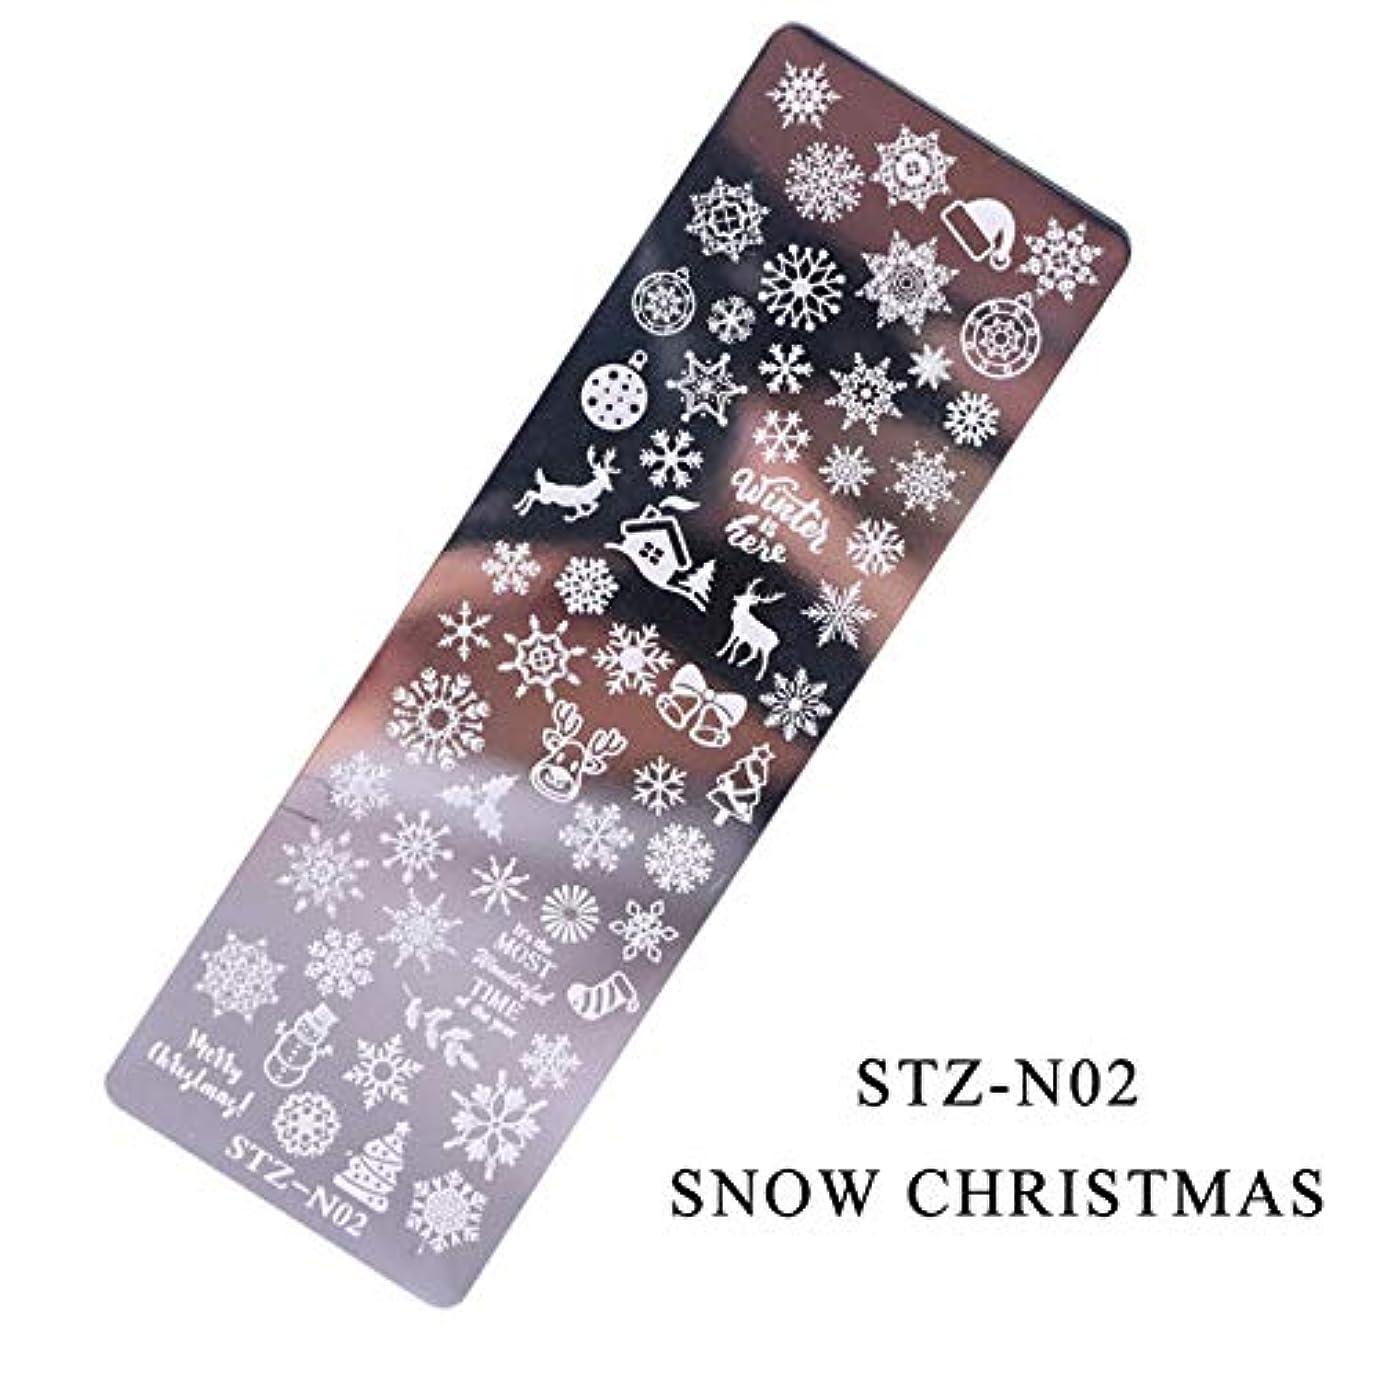 味わう防衛脚1枚 花 フラワー クリスマス 蝶々 スタンプピング プレート ネイル スタンプ ネイルツール ネイルアート (2)